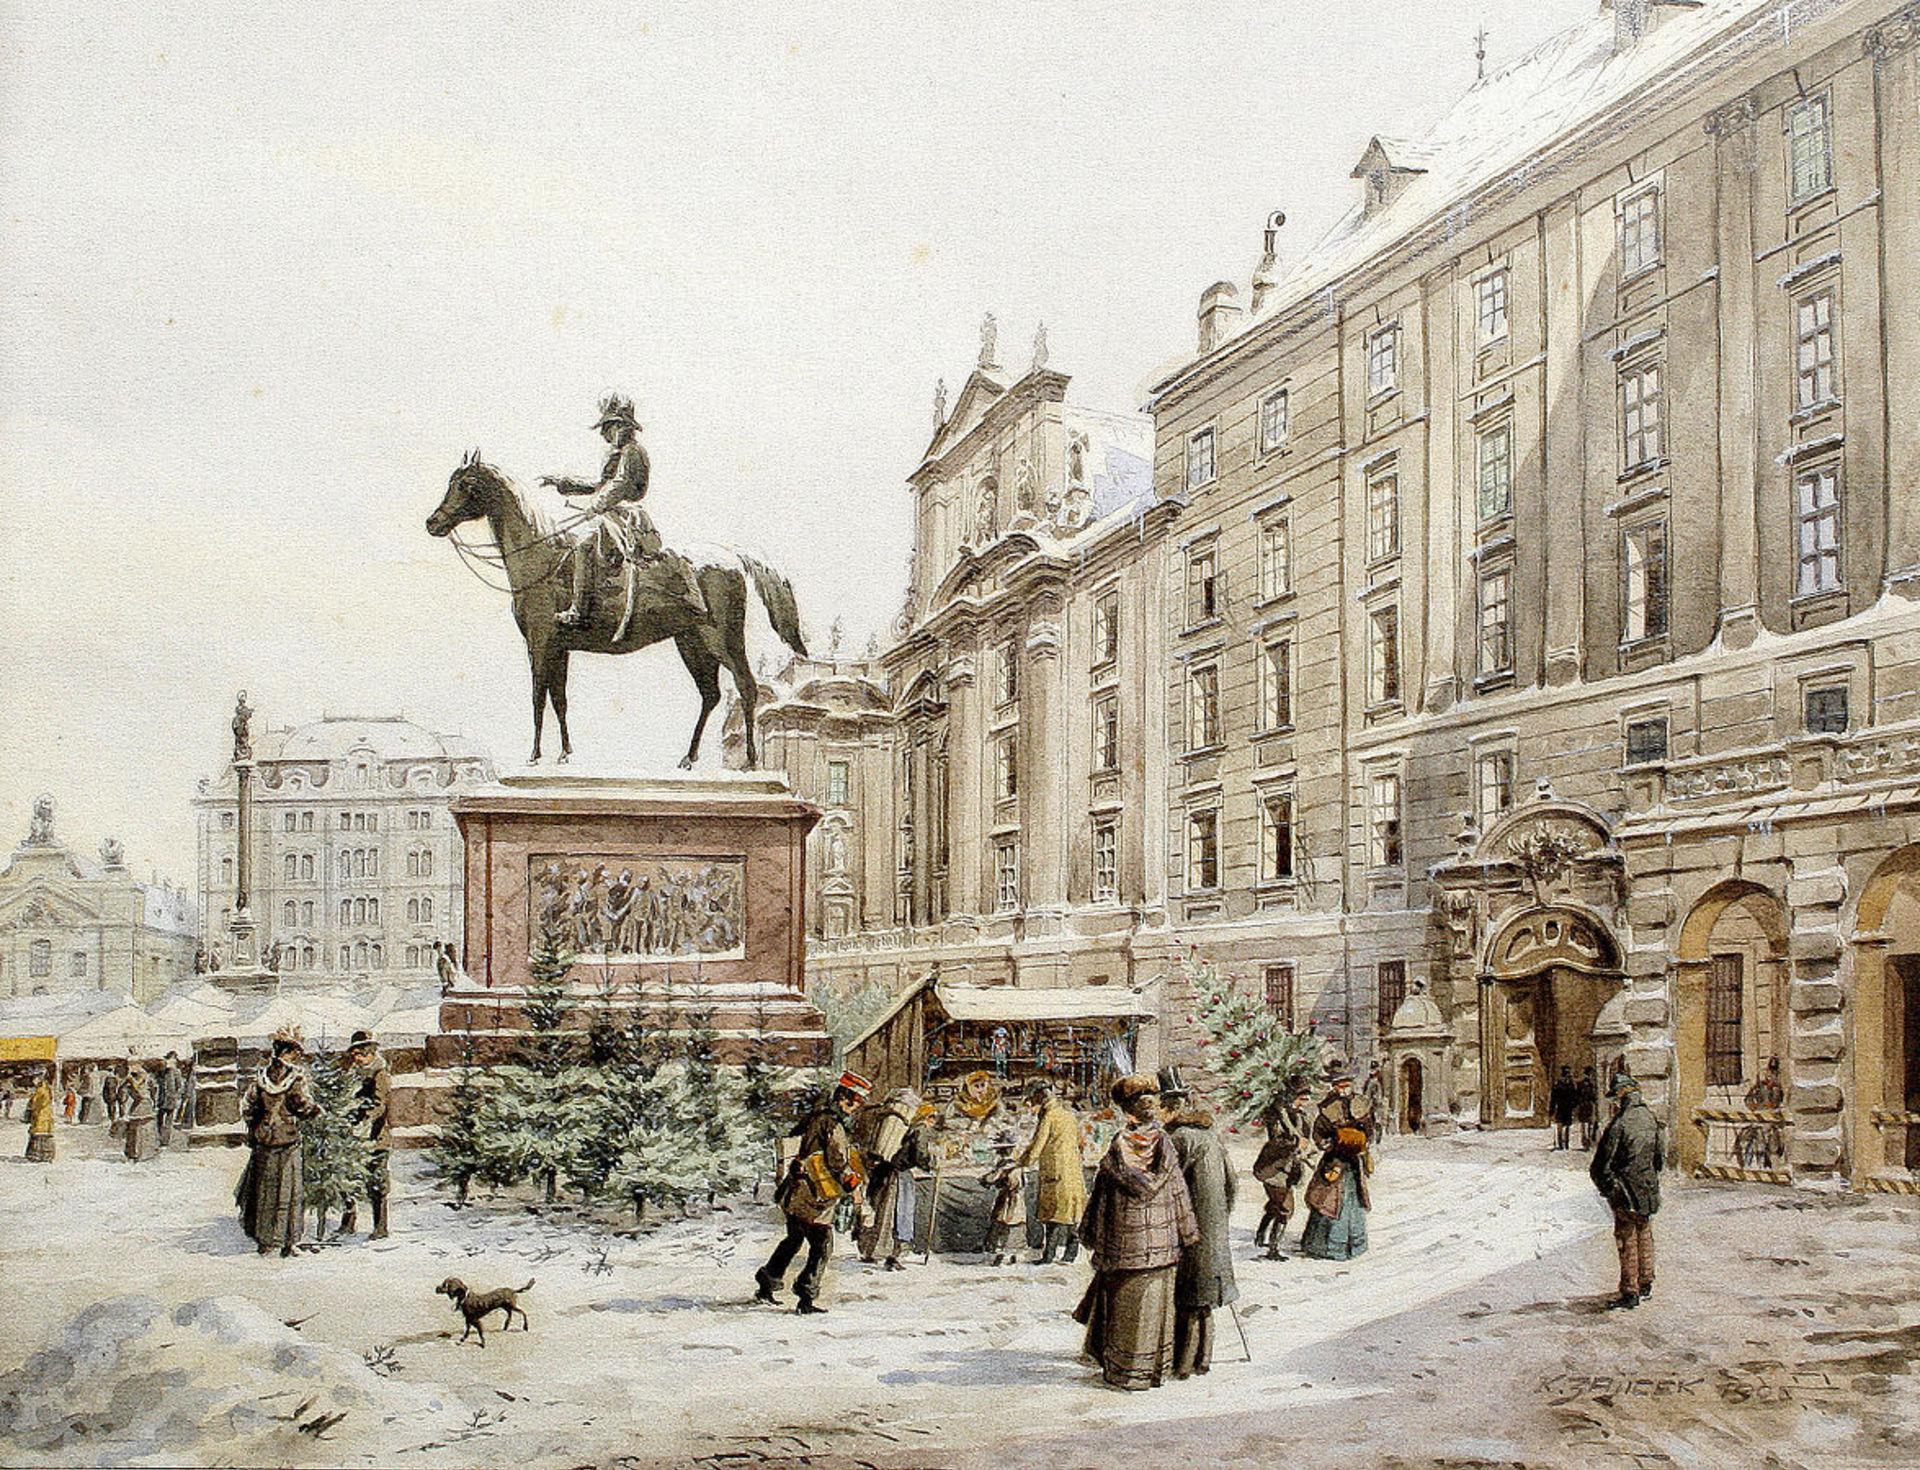 Karl_Wenzel_Zajicek_A_Christmas_market_in_Am_Hof_Vienna_1908.jpg